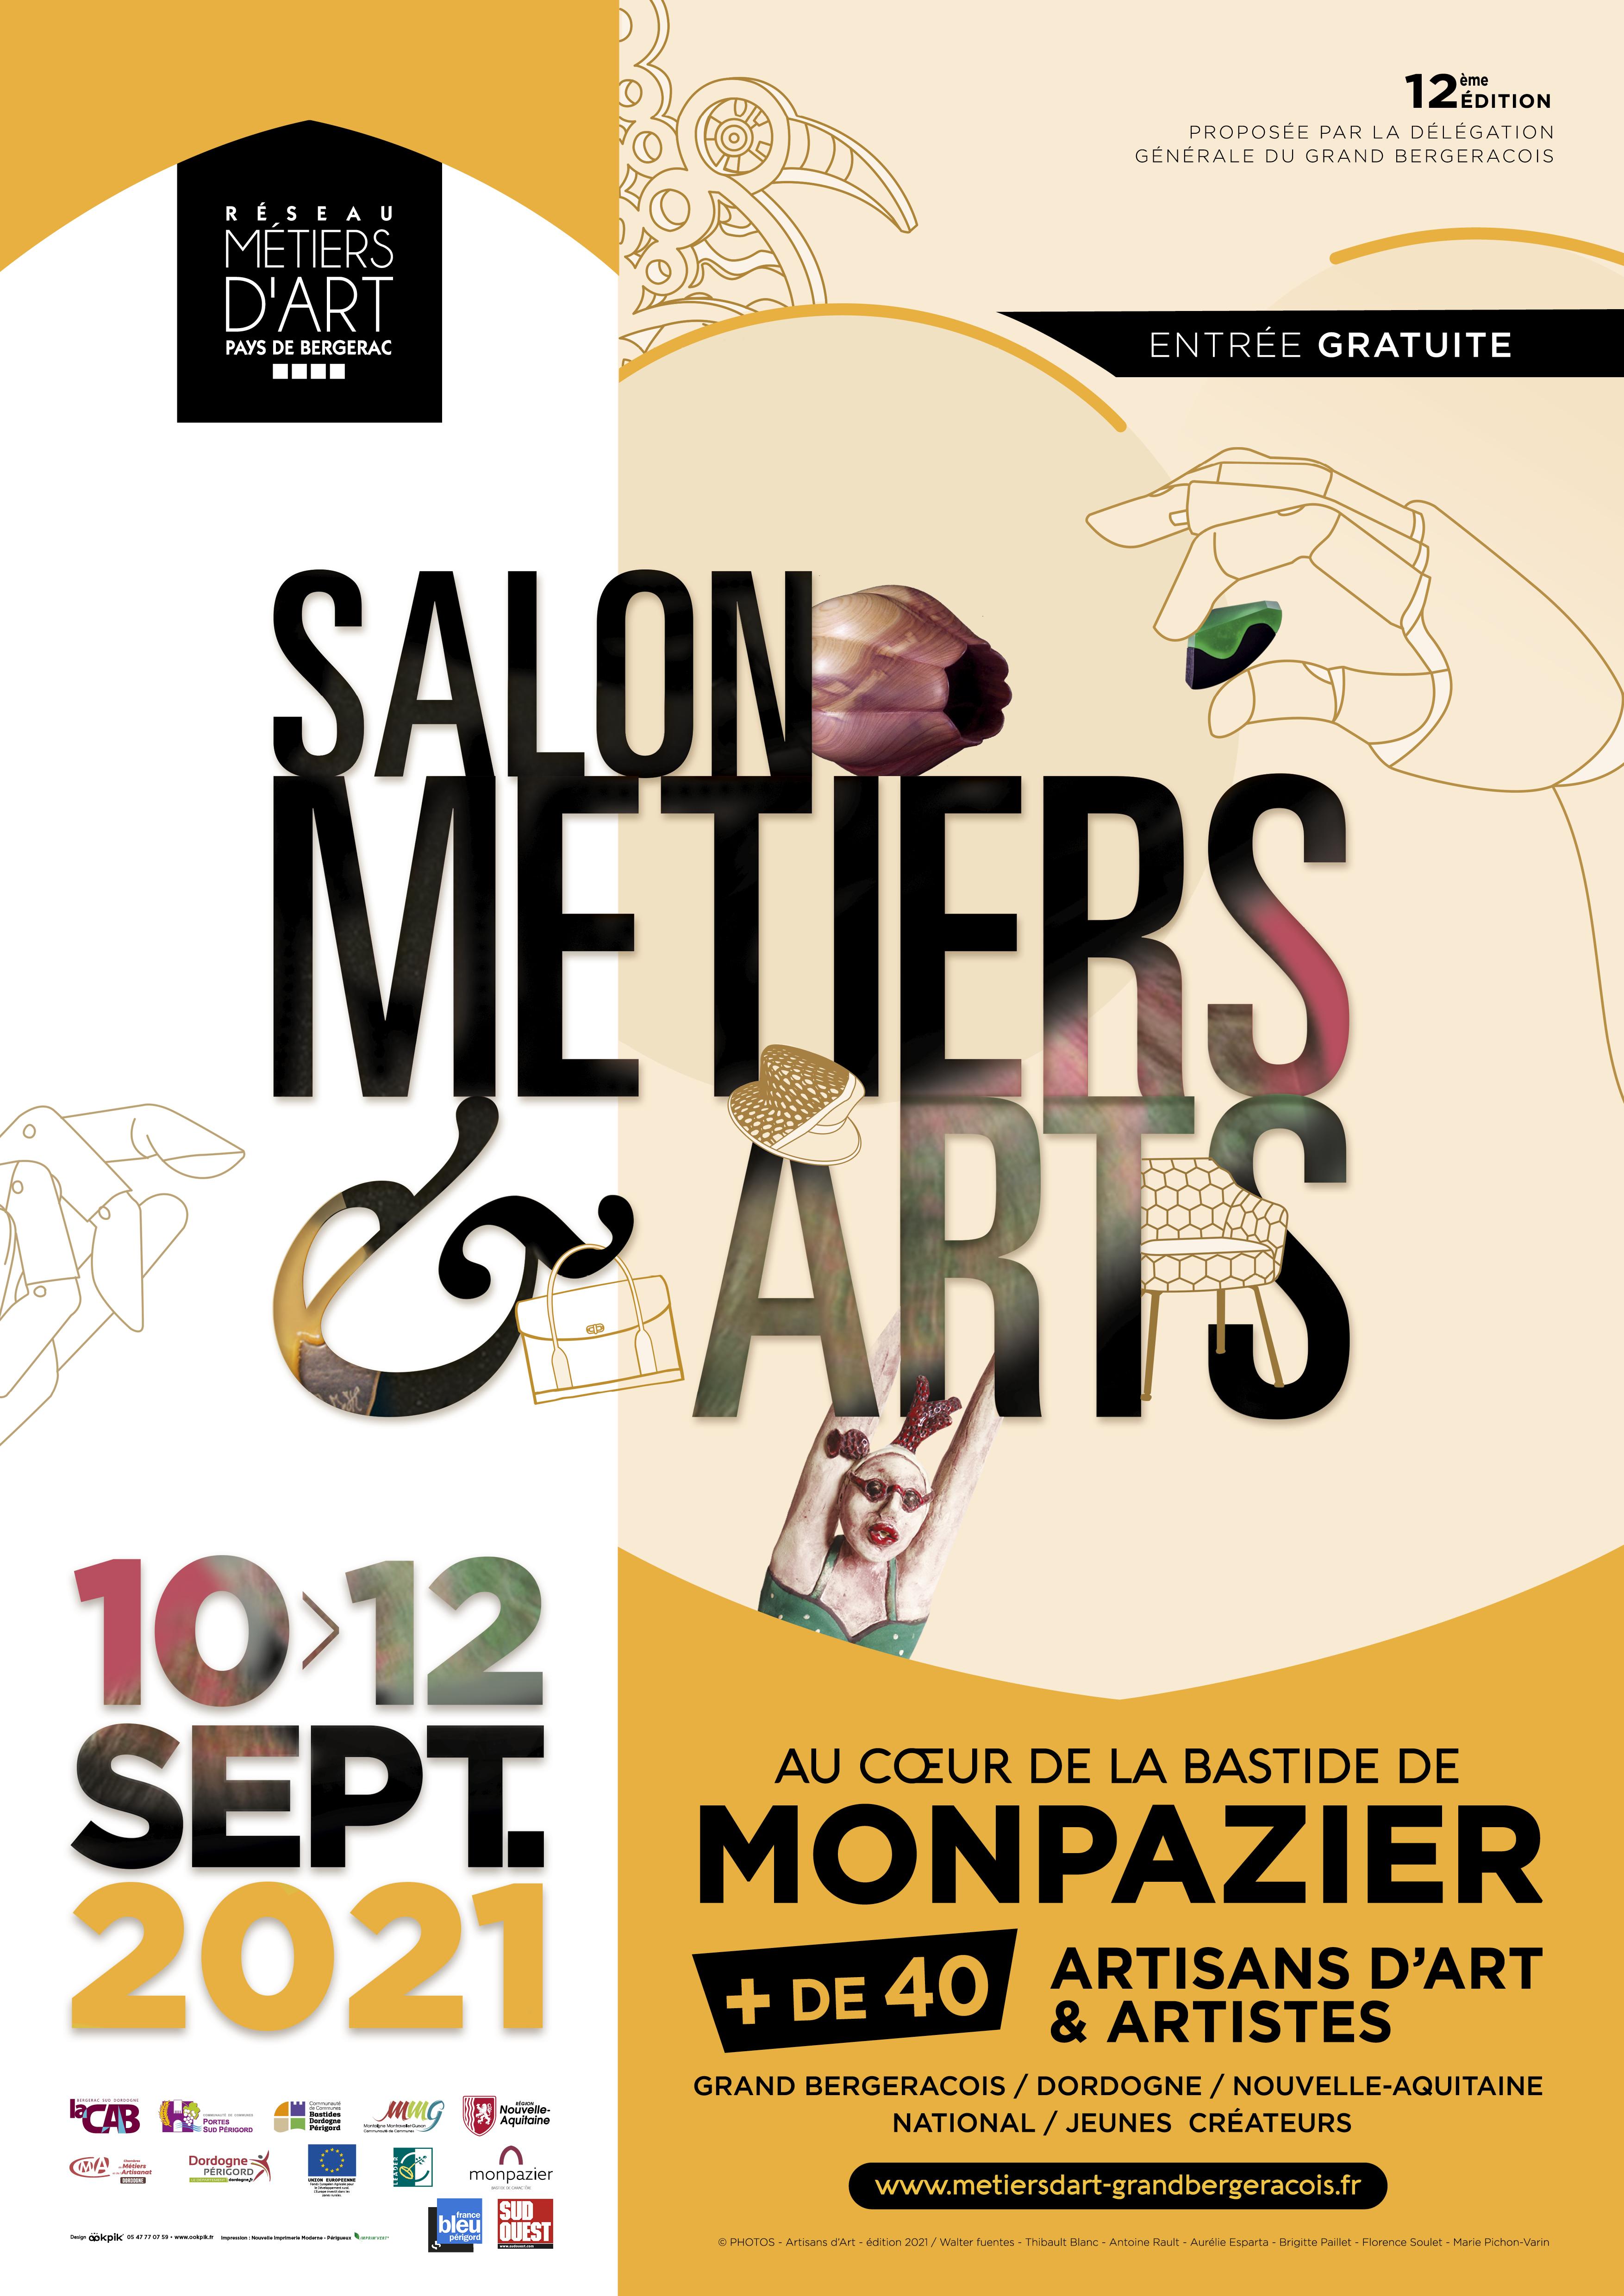 Salon métier _ art Affiche 2021 A3.jpg